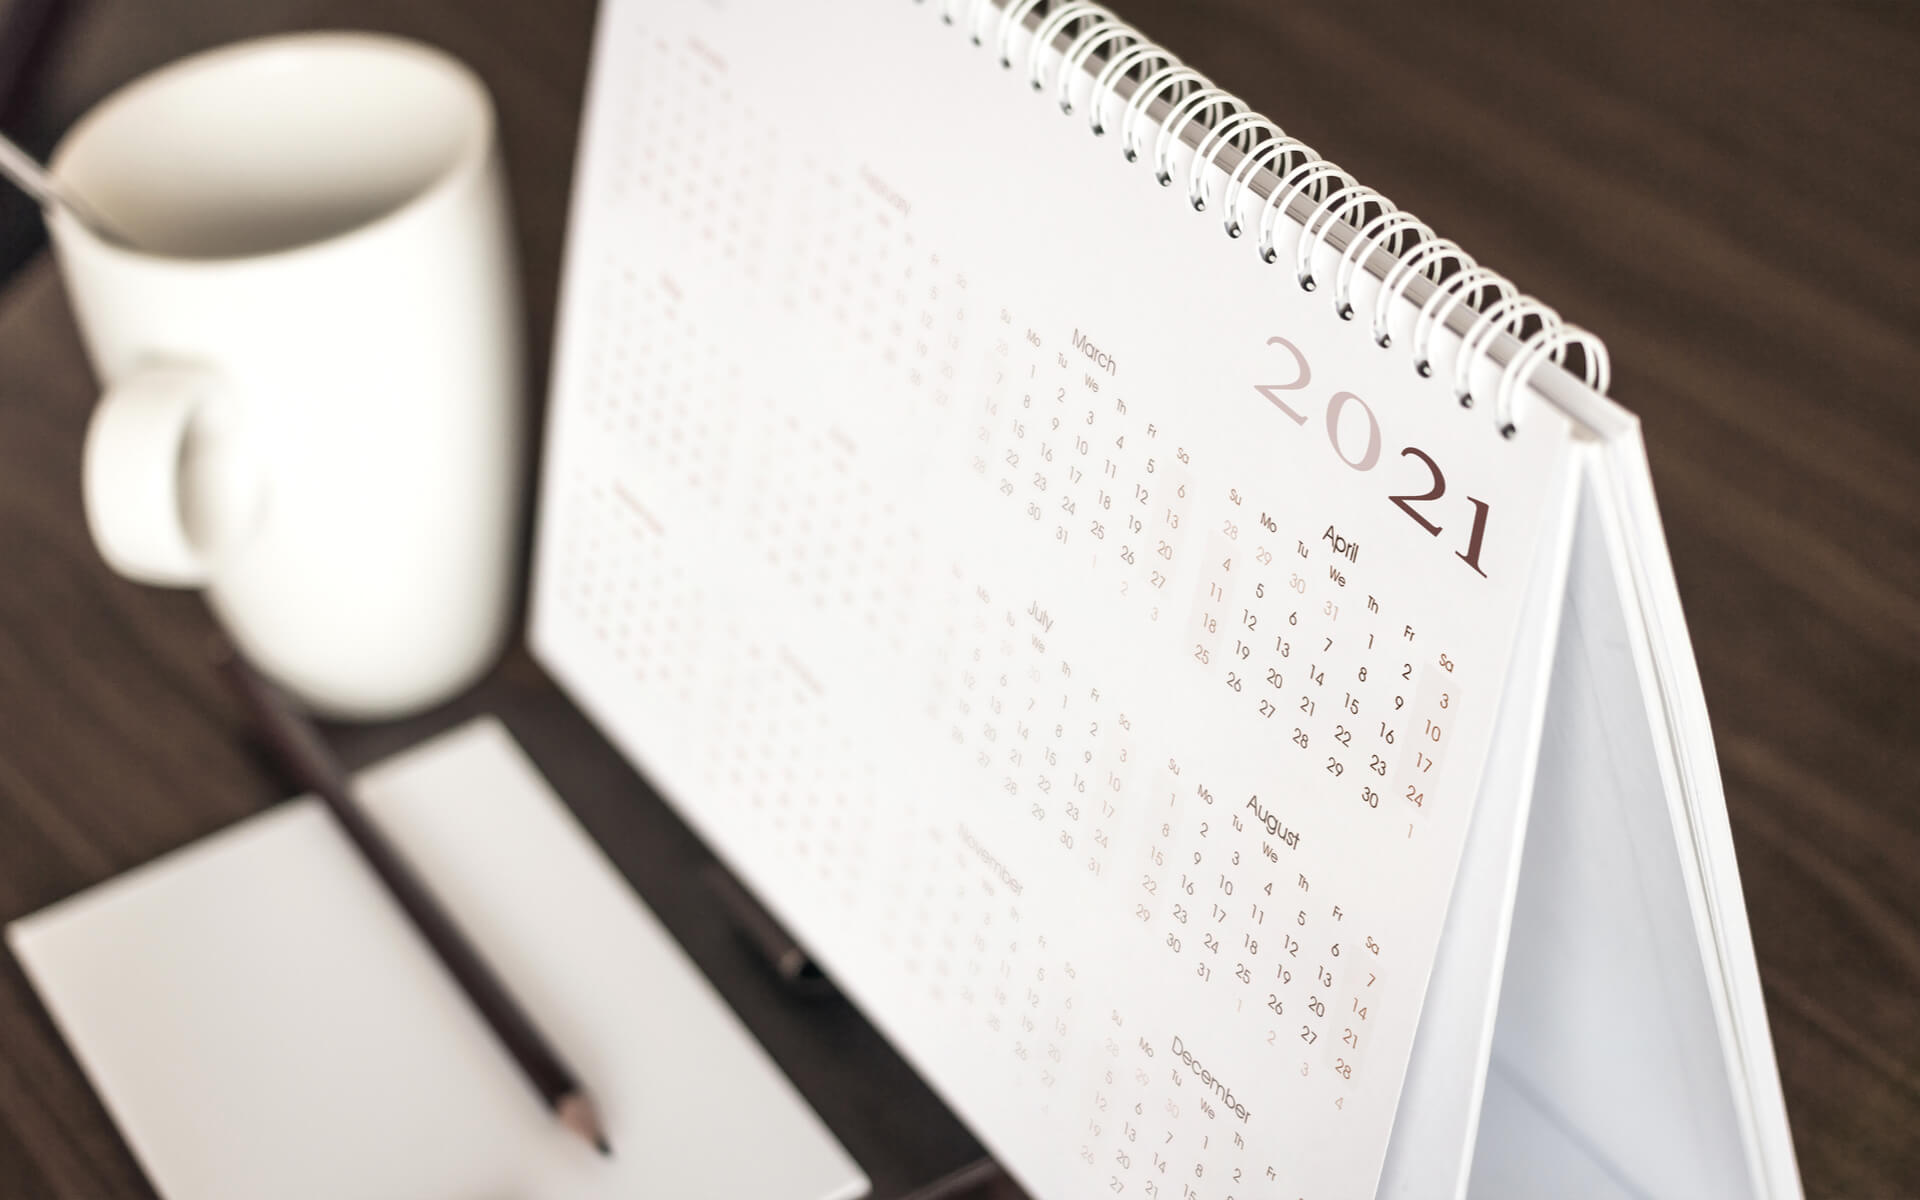 bg-e-commerce-calendar-w1920h1200